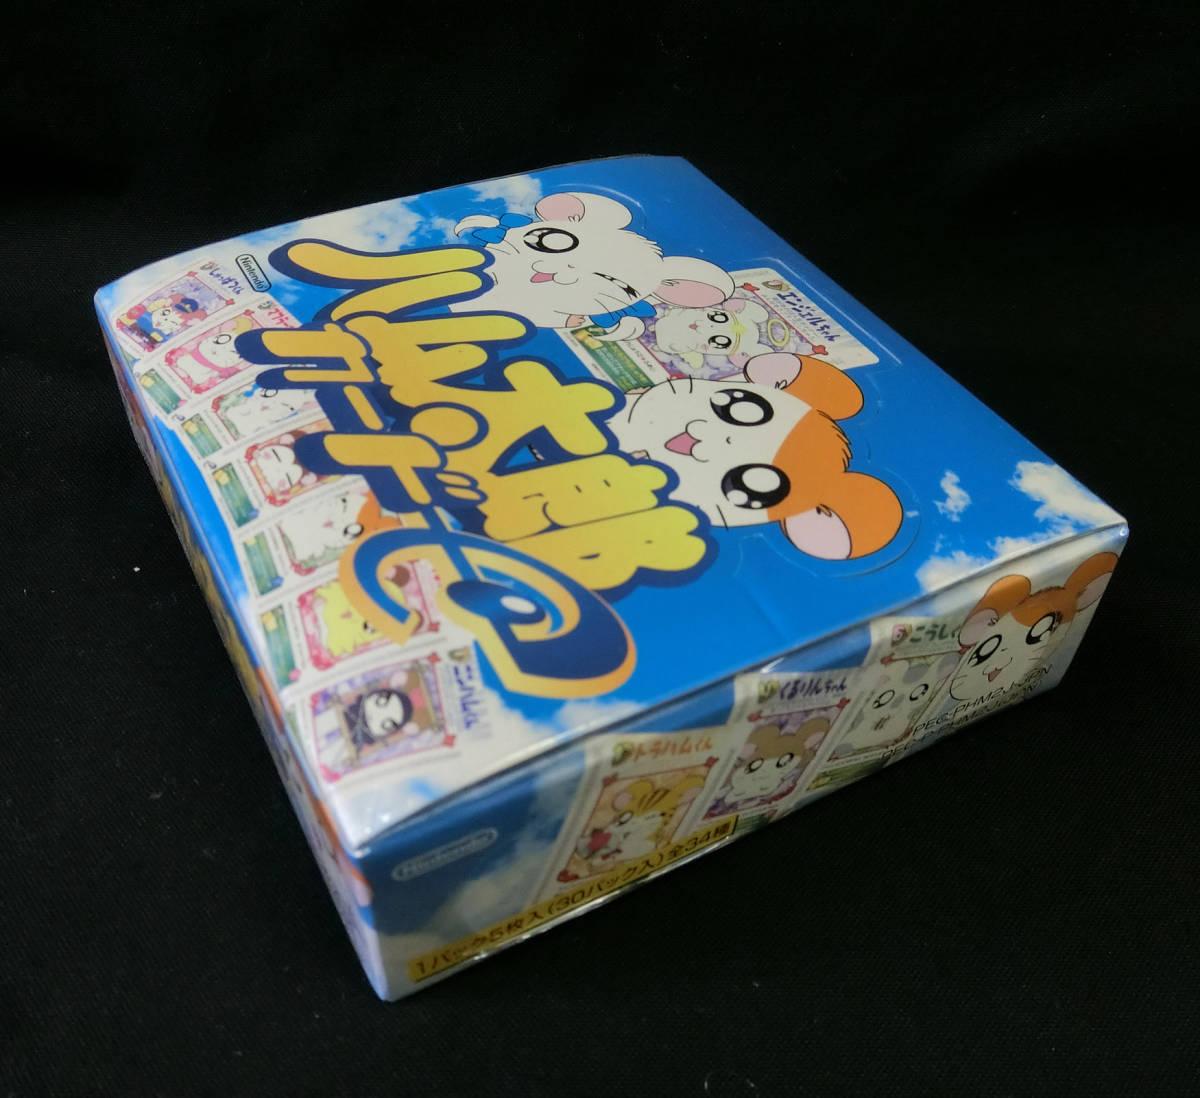 ハム太郎 カードe 未開封 BOX 5枚x30パック 全34種 任天堂_画像2